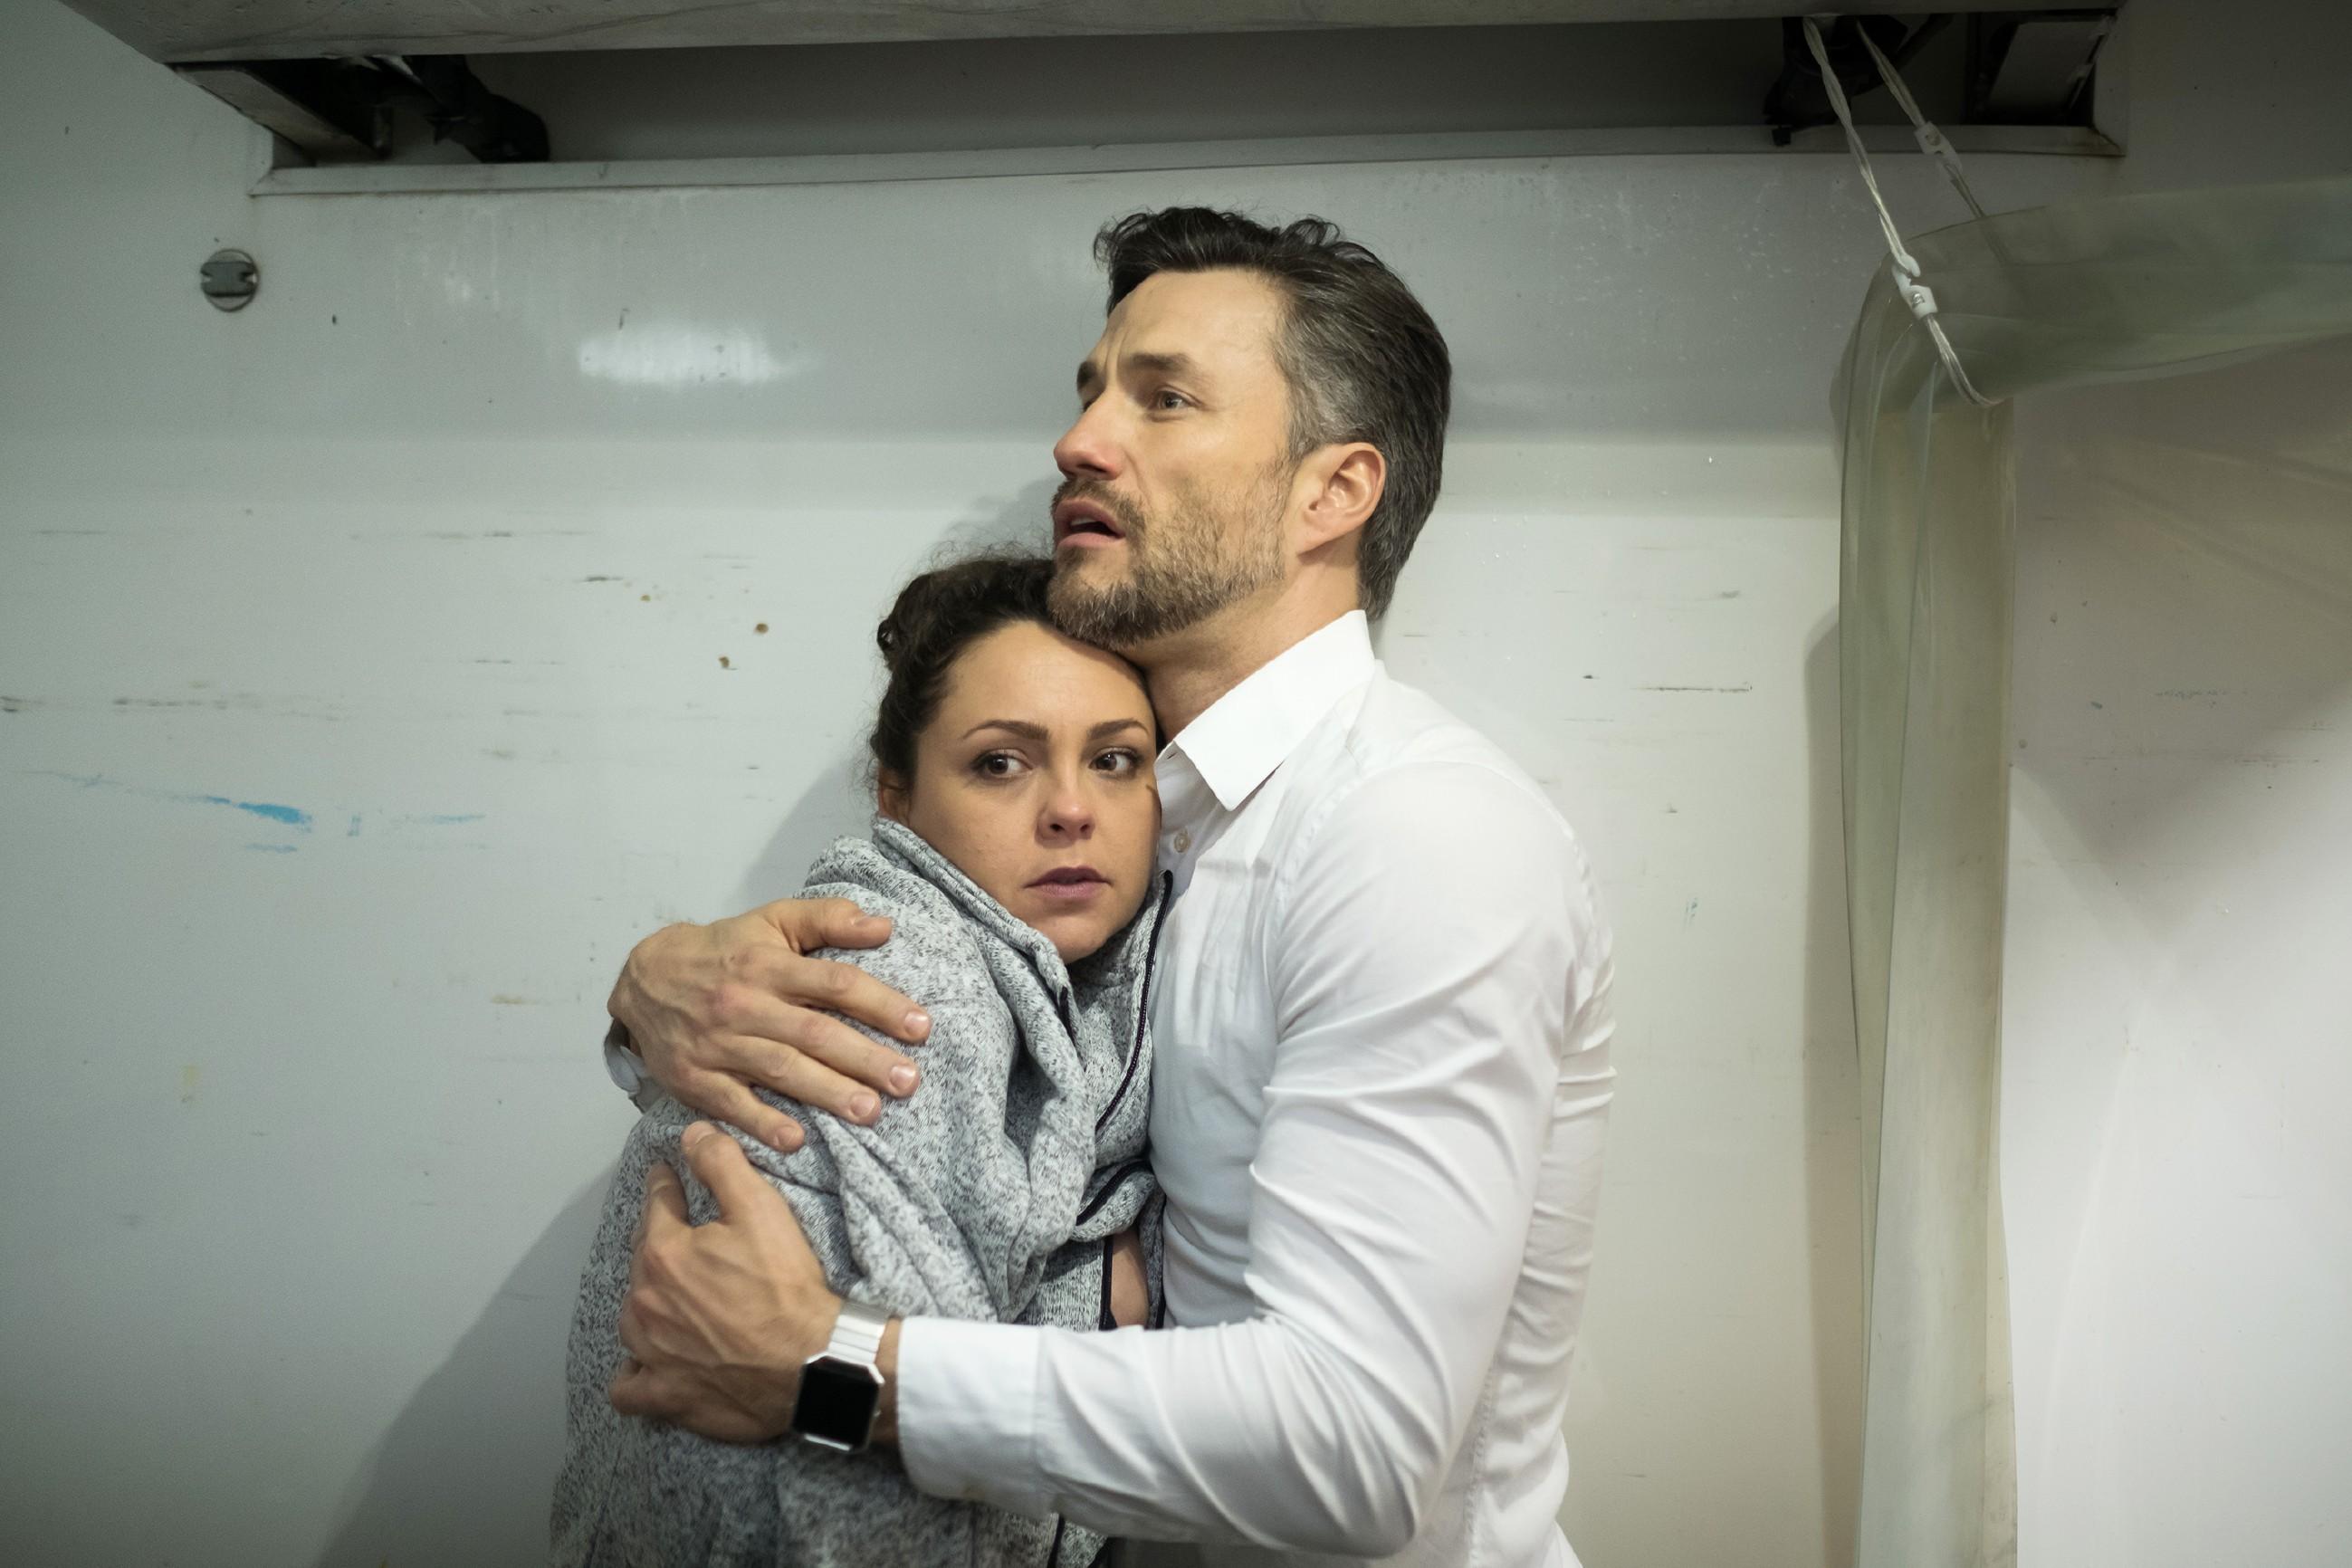 Caro (Ines Kurenbach) und Malte (Stefan Bockelmann) sind im Kühllaster gefangen und versuchen alles, um sich warm zu halten, doch Caros Kräfte schwinden... (Quelle: RTL / Stefan Behrens)